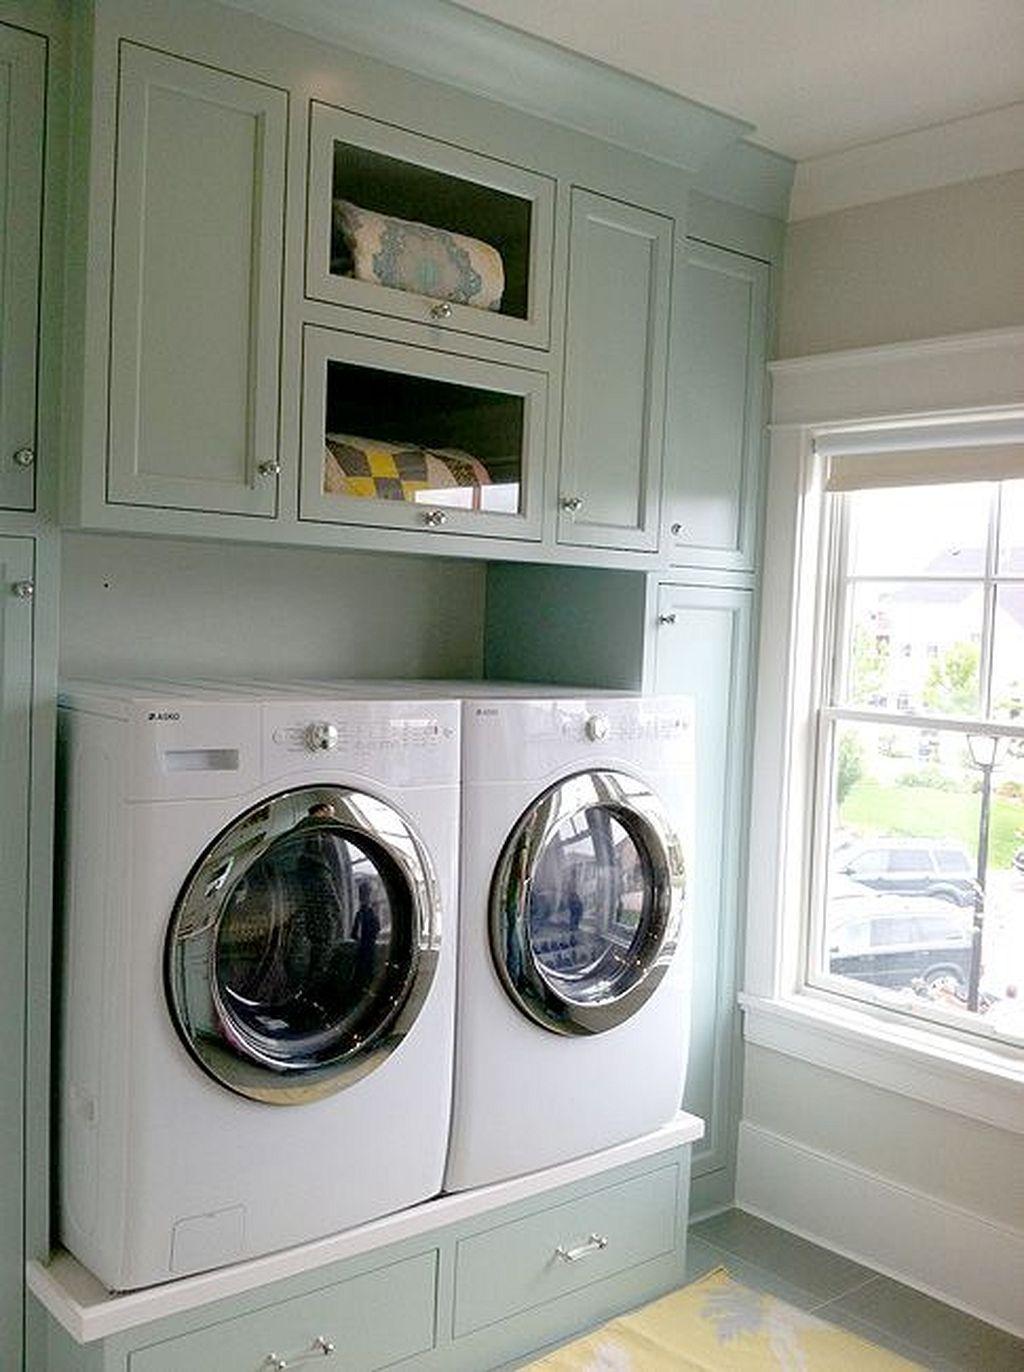 90 Laundry Room Cabinet Ideas 75 Laundry Room Inspiration Laundry Room Bathroom Laundry Room Cabinets